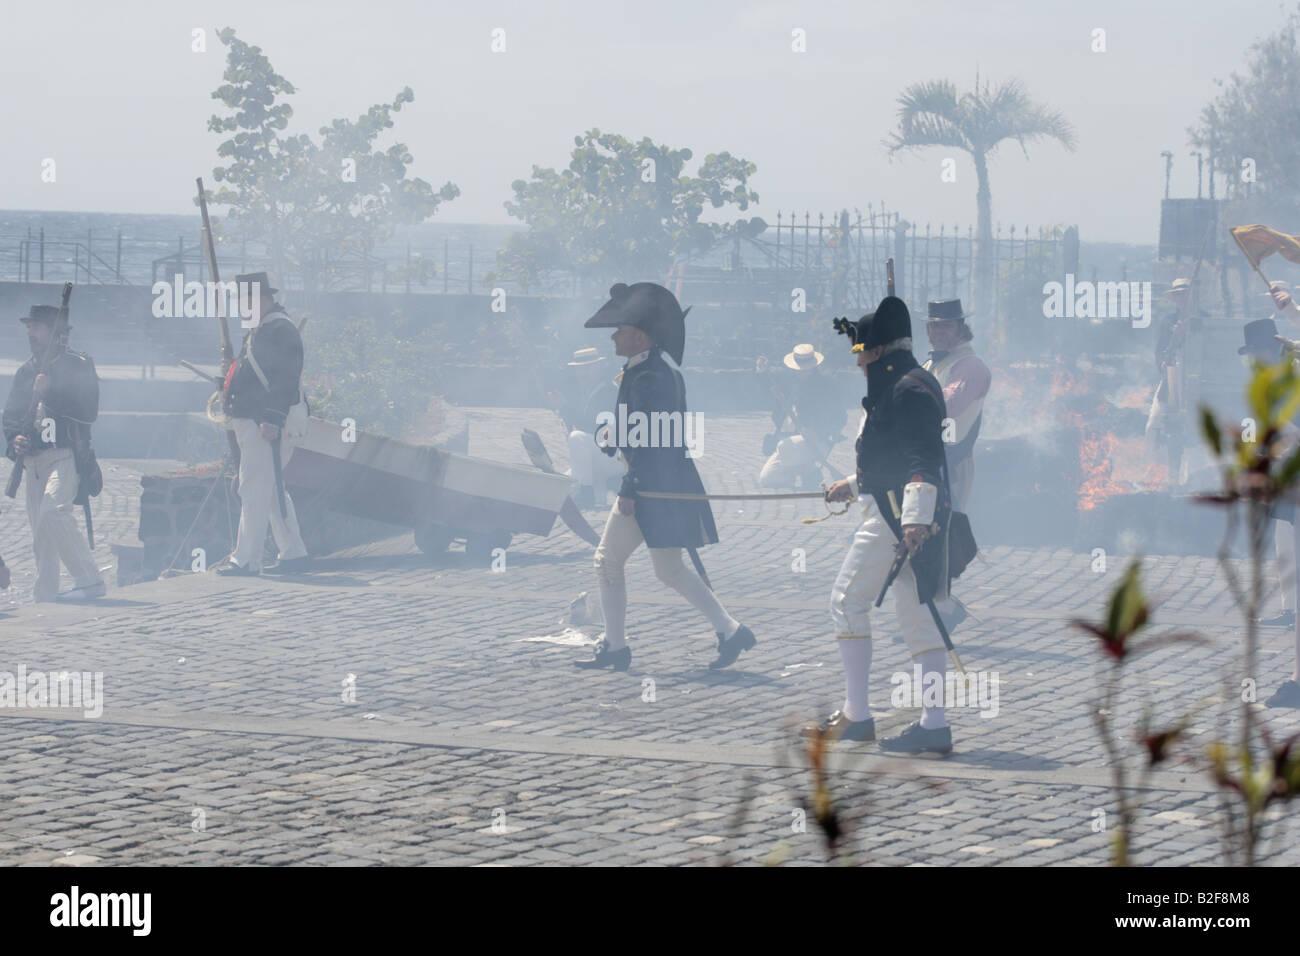 Capitano Troughbridge e le truppe inglesi si muovono attraverso una smoky haze durante una rievocazione storica del 1797 Battaglia di Santa Cruz Tenerife Foto Stock